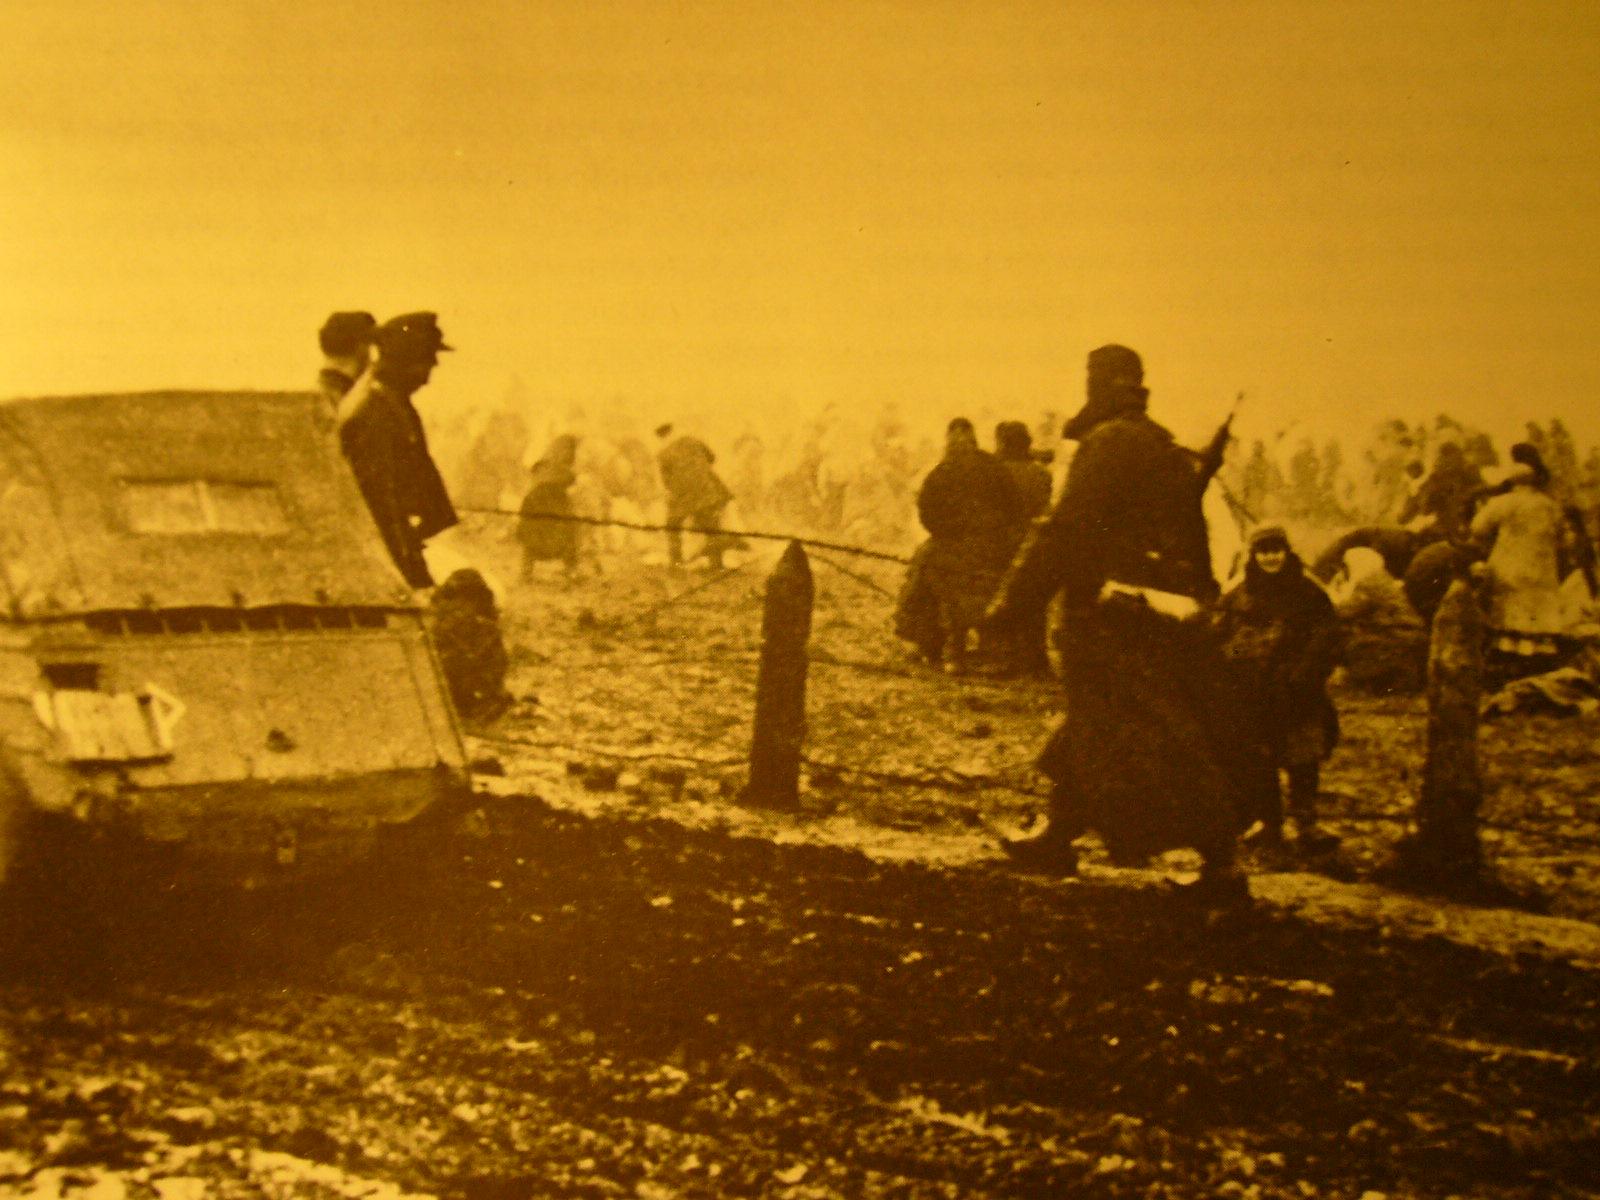 Fotografias increibles de la Segunda Guerra Mundial 4146258p1090945